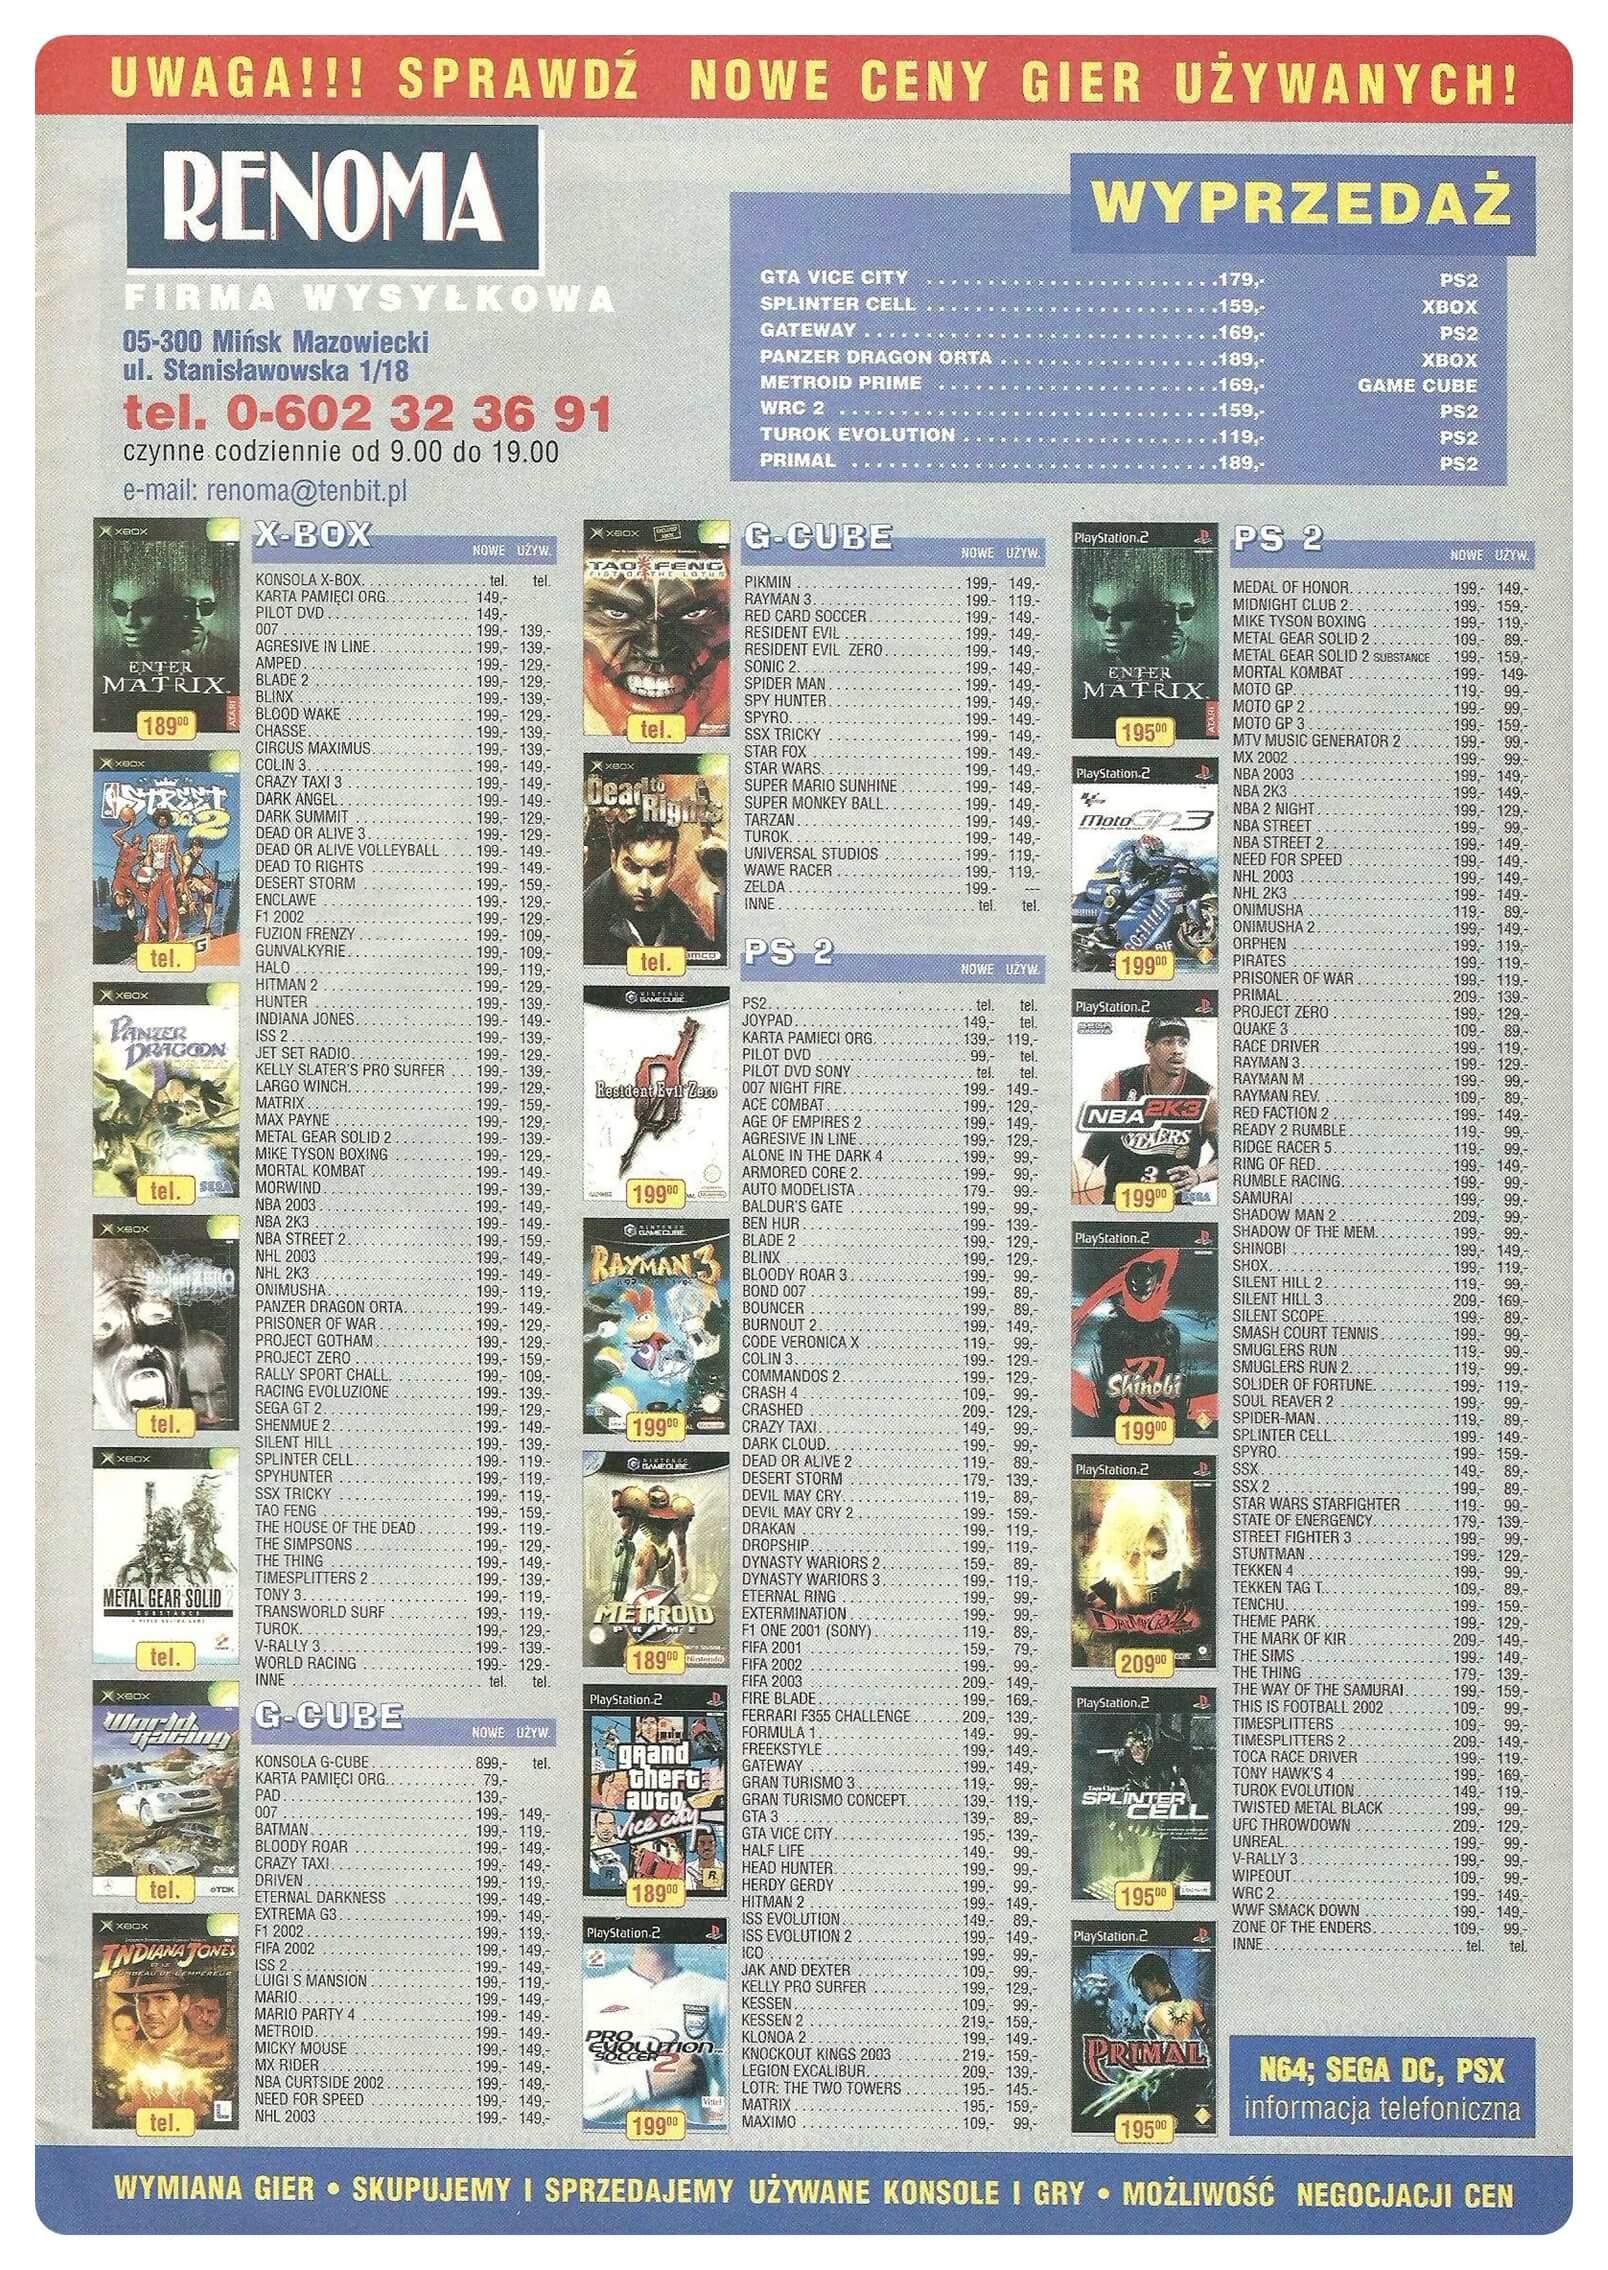 Neo Plus nr 054 20039q4 - Jak wyglądały ceny różnych konsol w Polsce w latach 1996-2006?